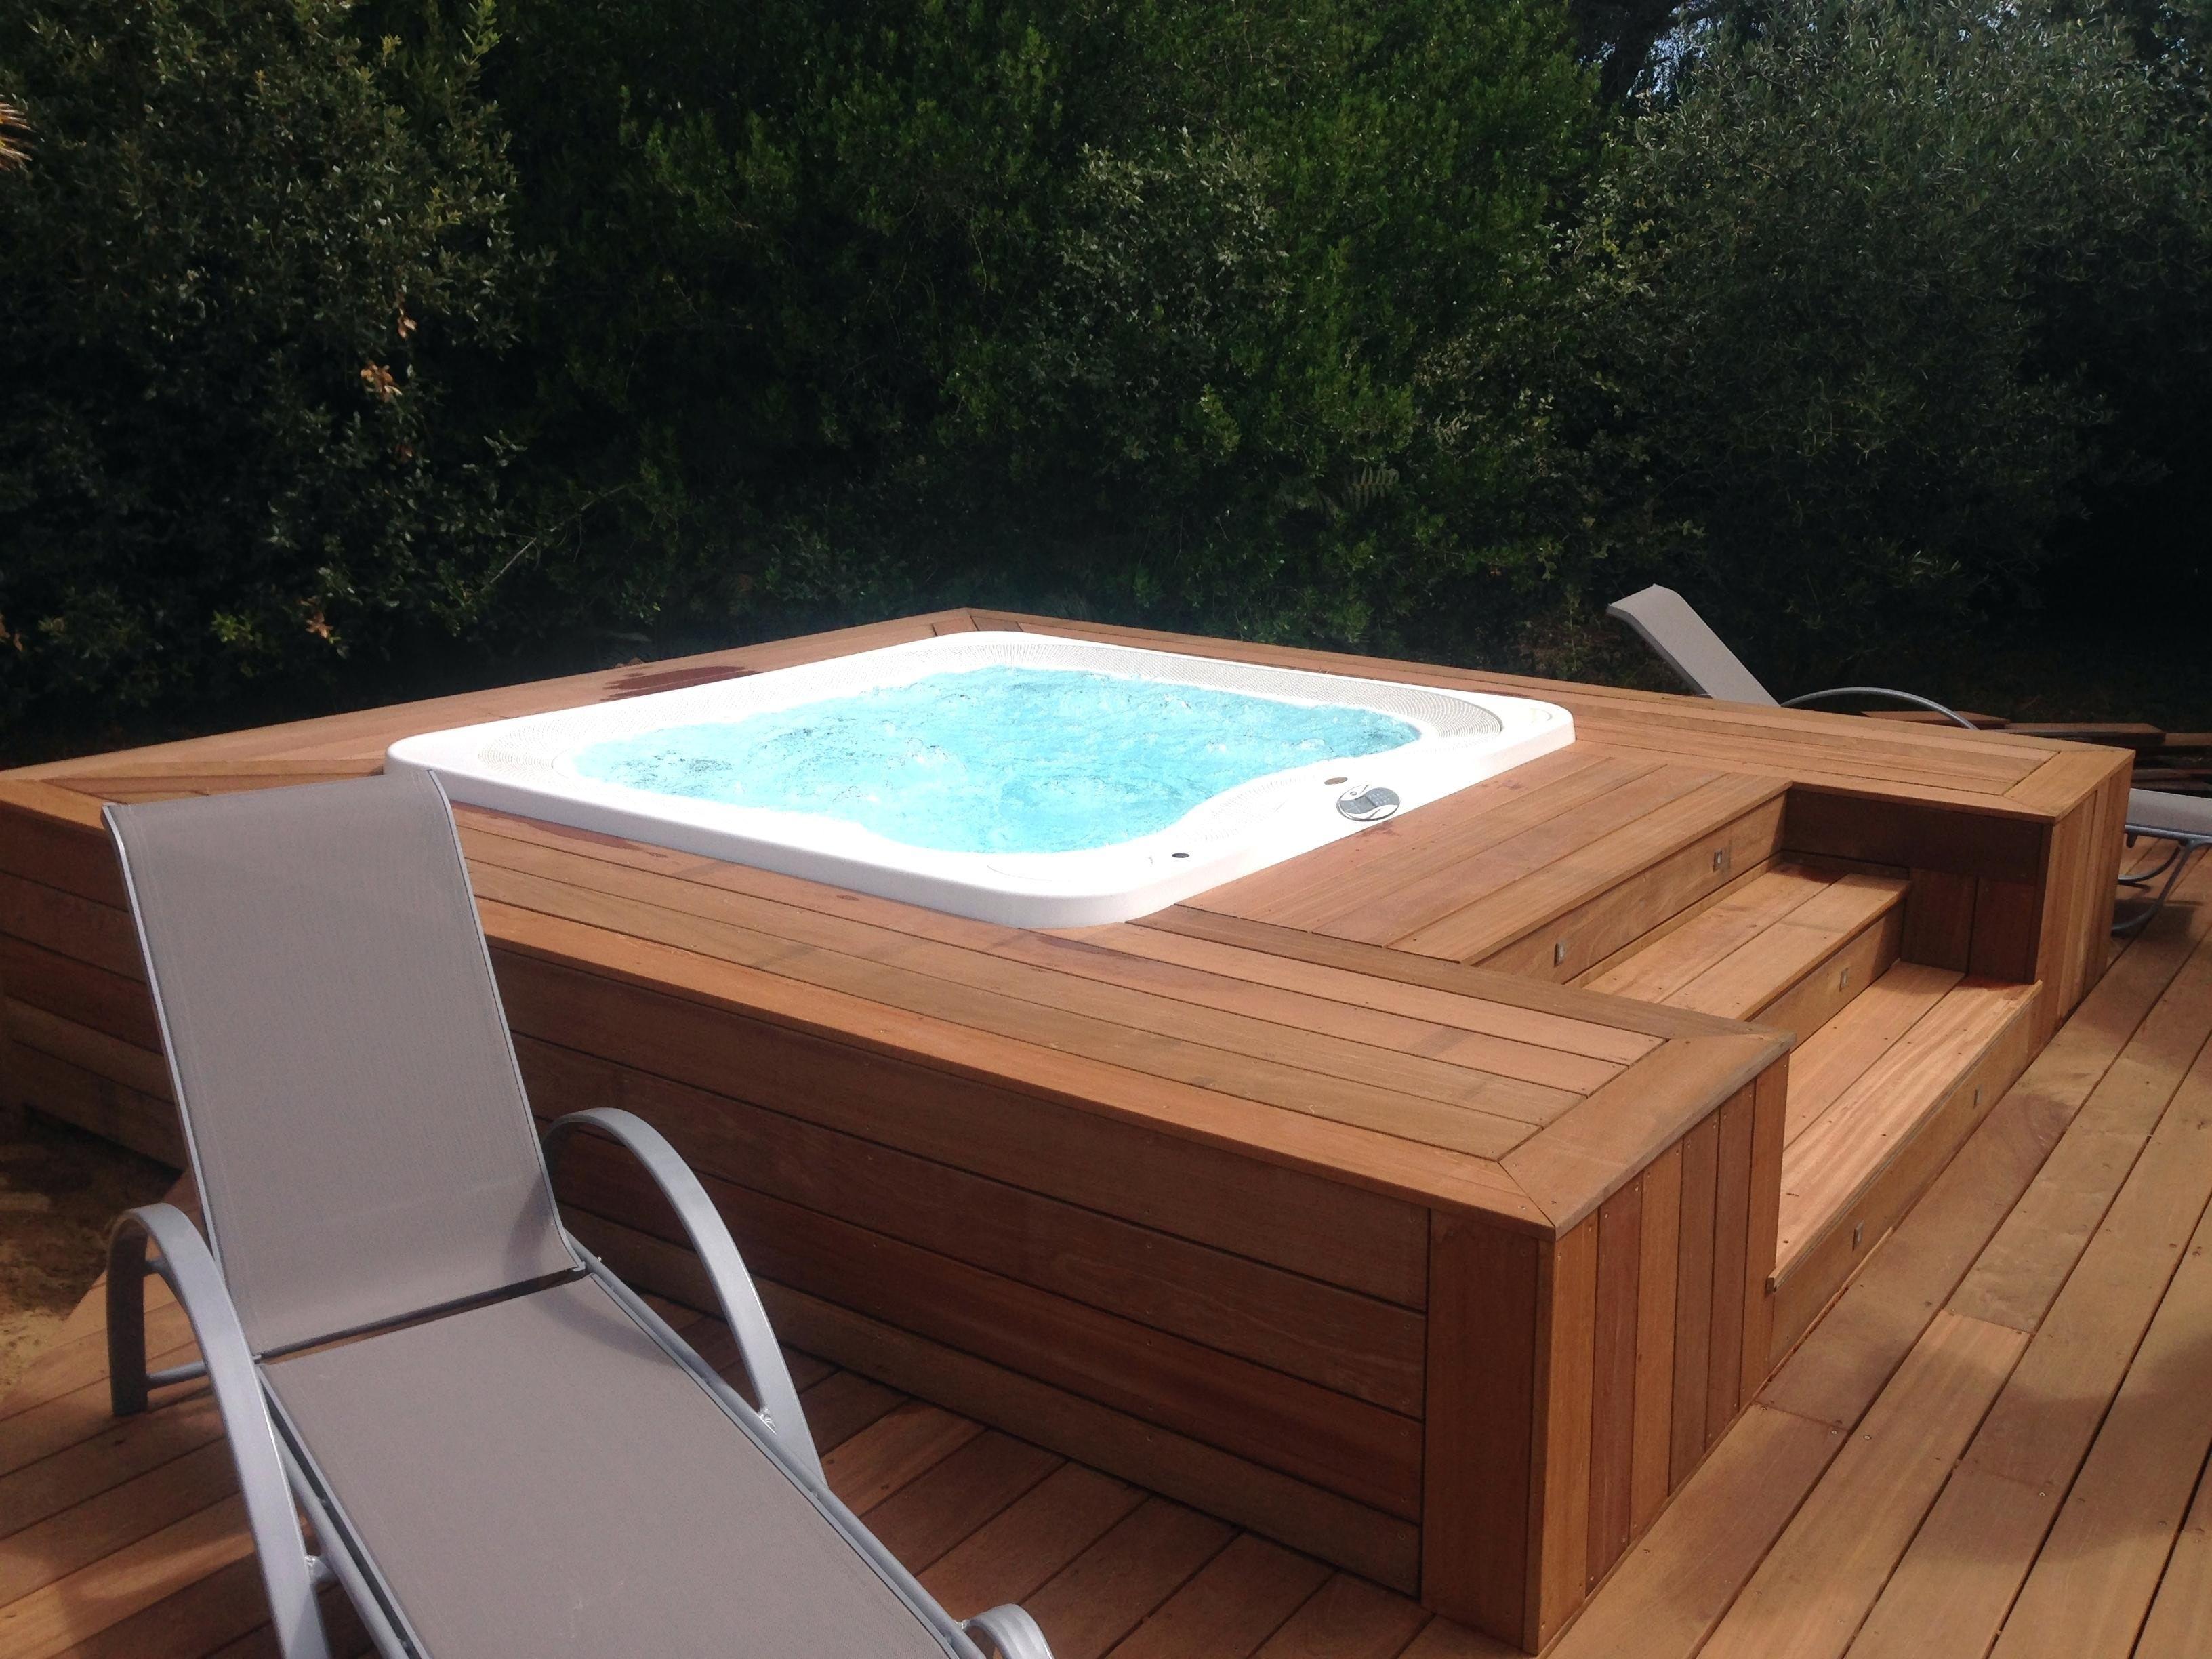 Abri Pour Jacuzzi Exterieur En Bois Cool Jacuzzi Extrieur Sur - Jacuzzi exterieur sur terrasse